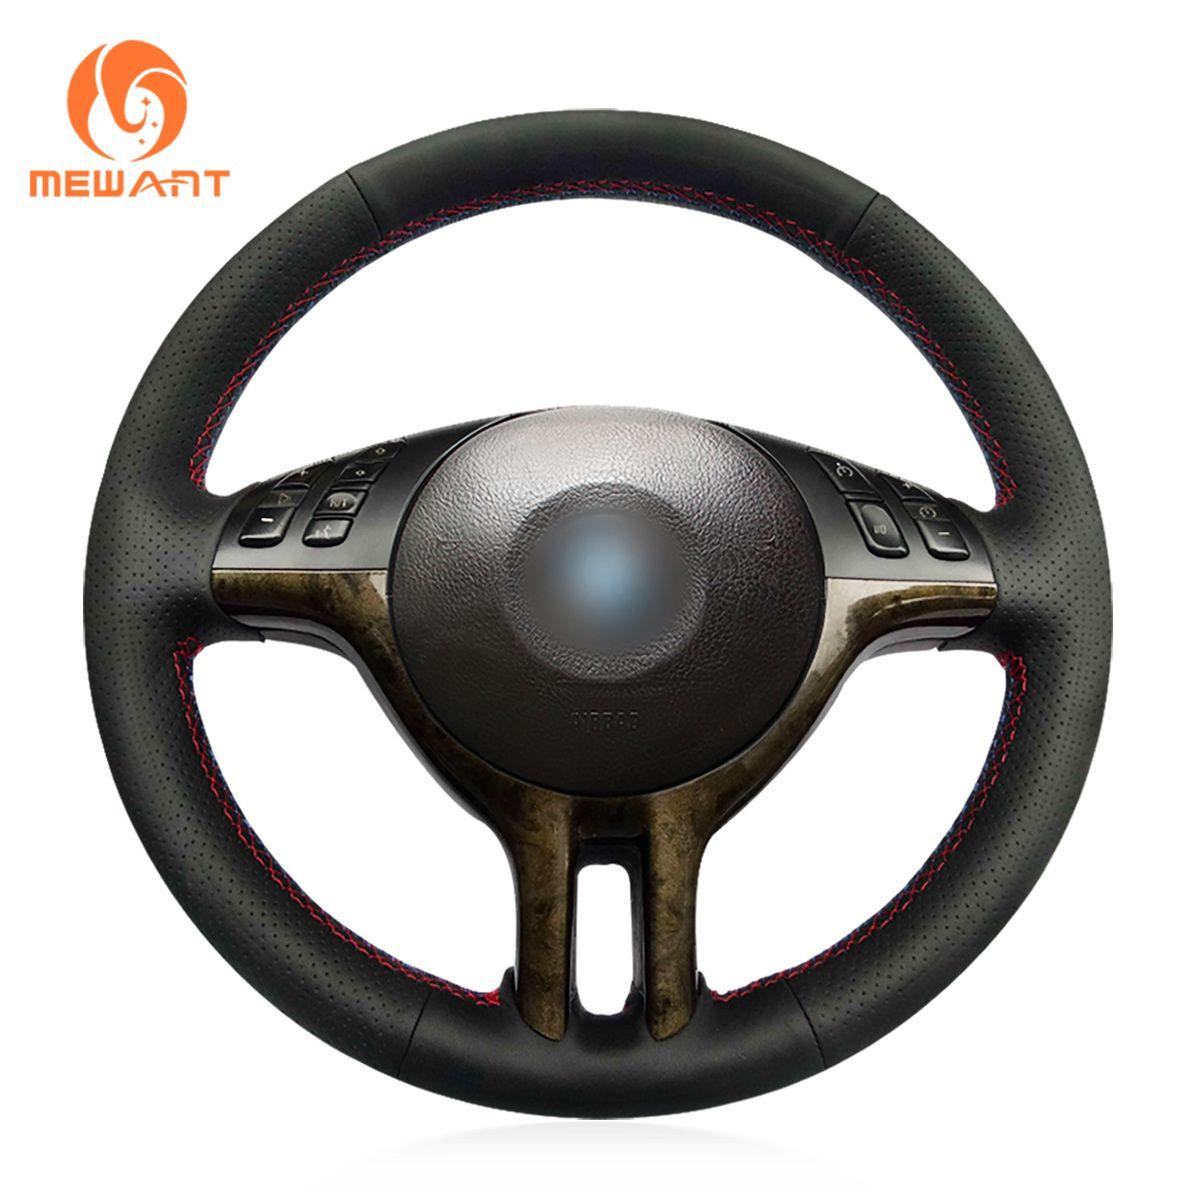 Genuine Leather Steering Wheel Cover for BMW E36 E36//5 E46//5 5 Series E39 M3 M5